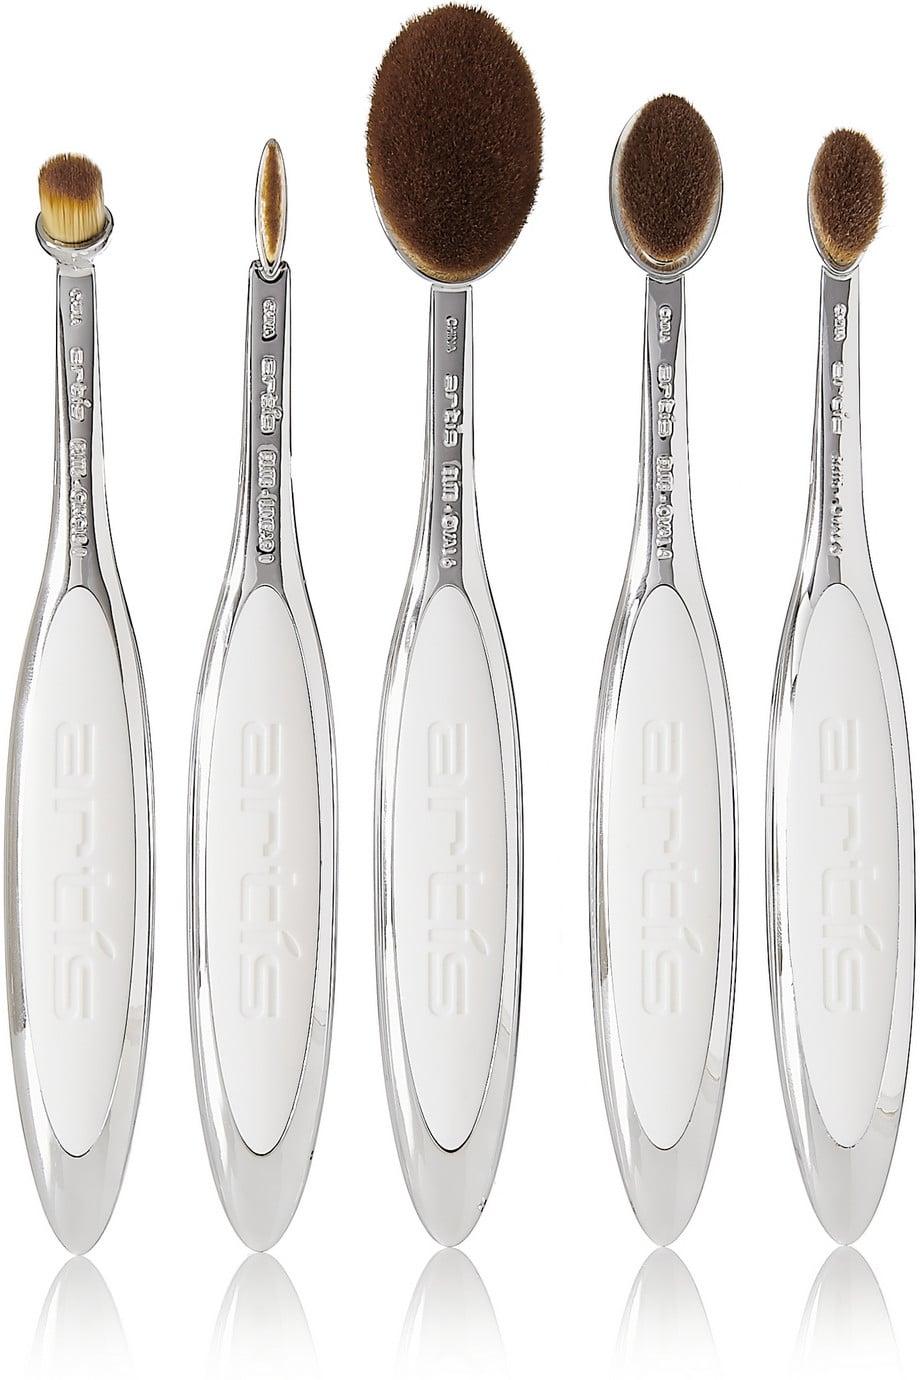 Artis elite mirror 5 brush set 18 gifts beauty editors for Brush craft vs artis